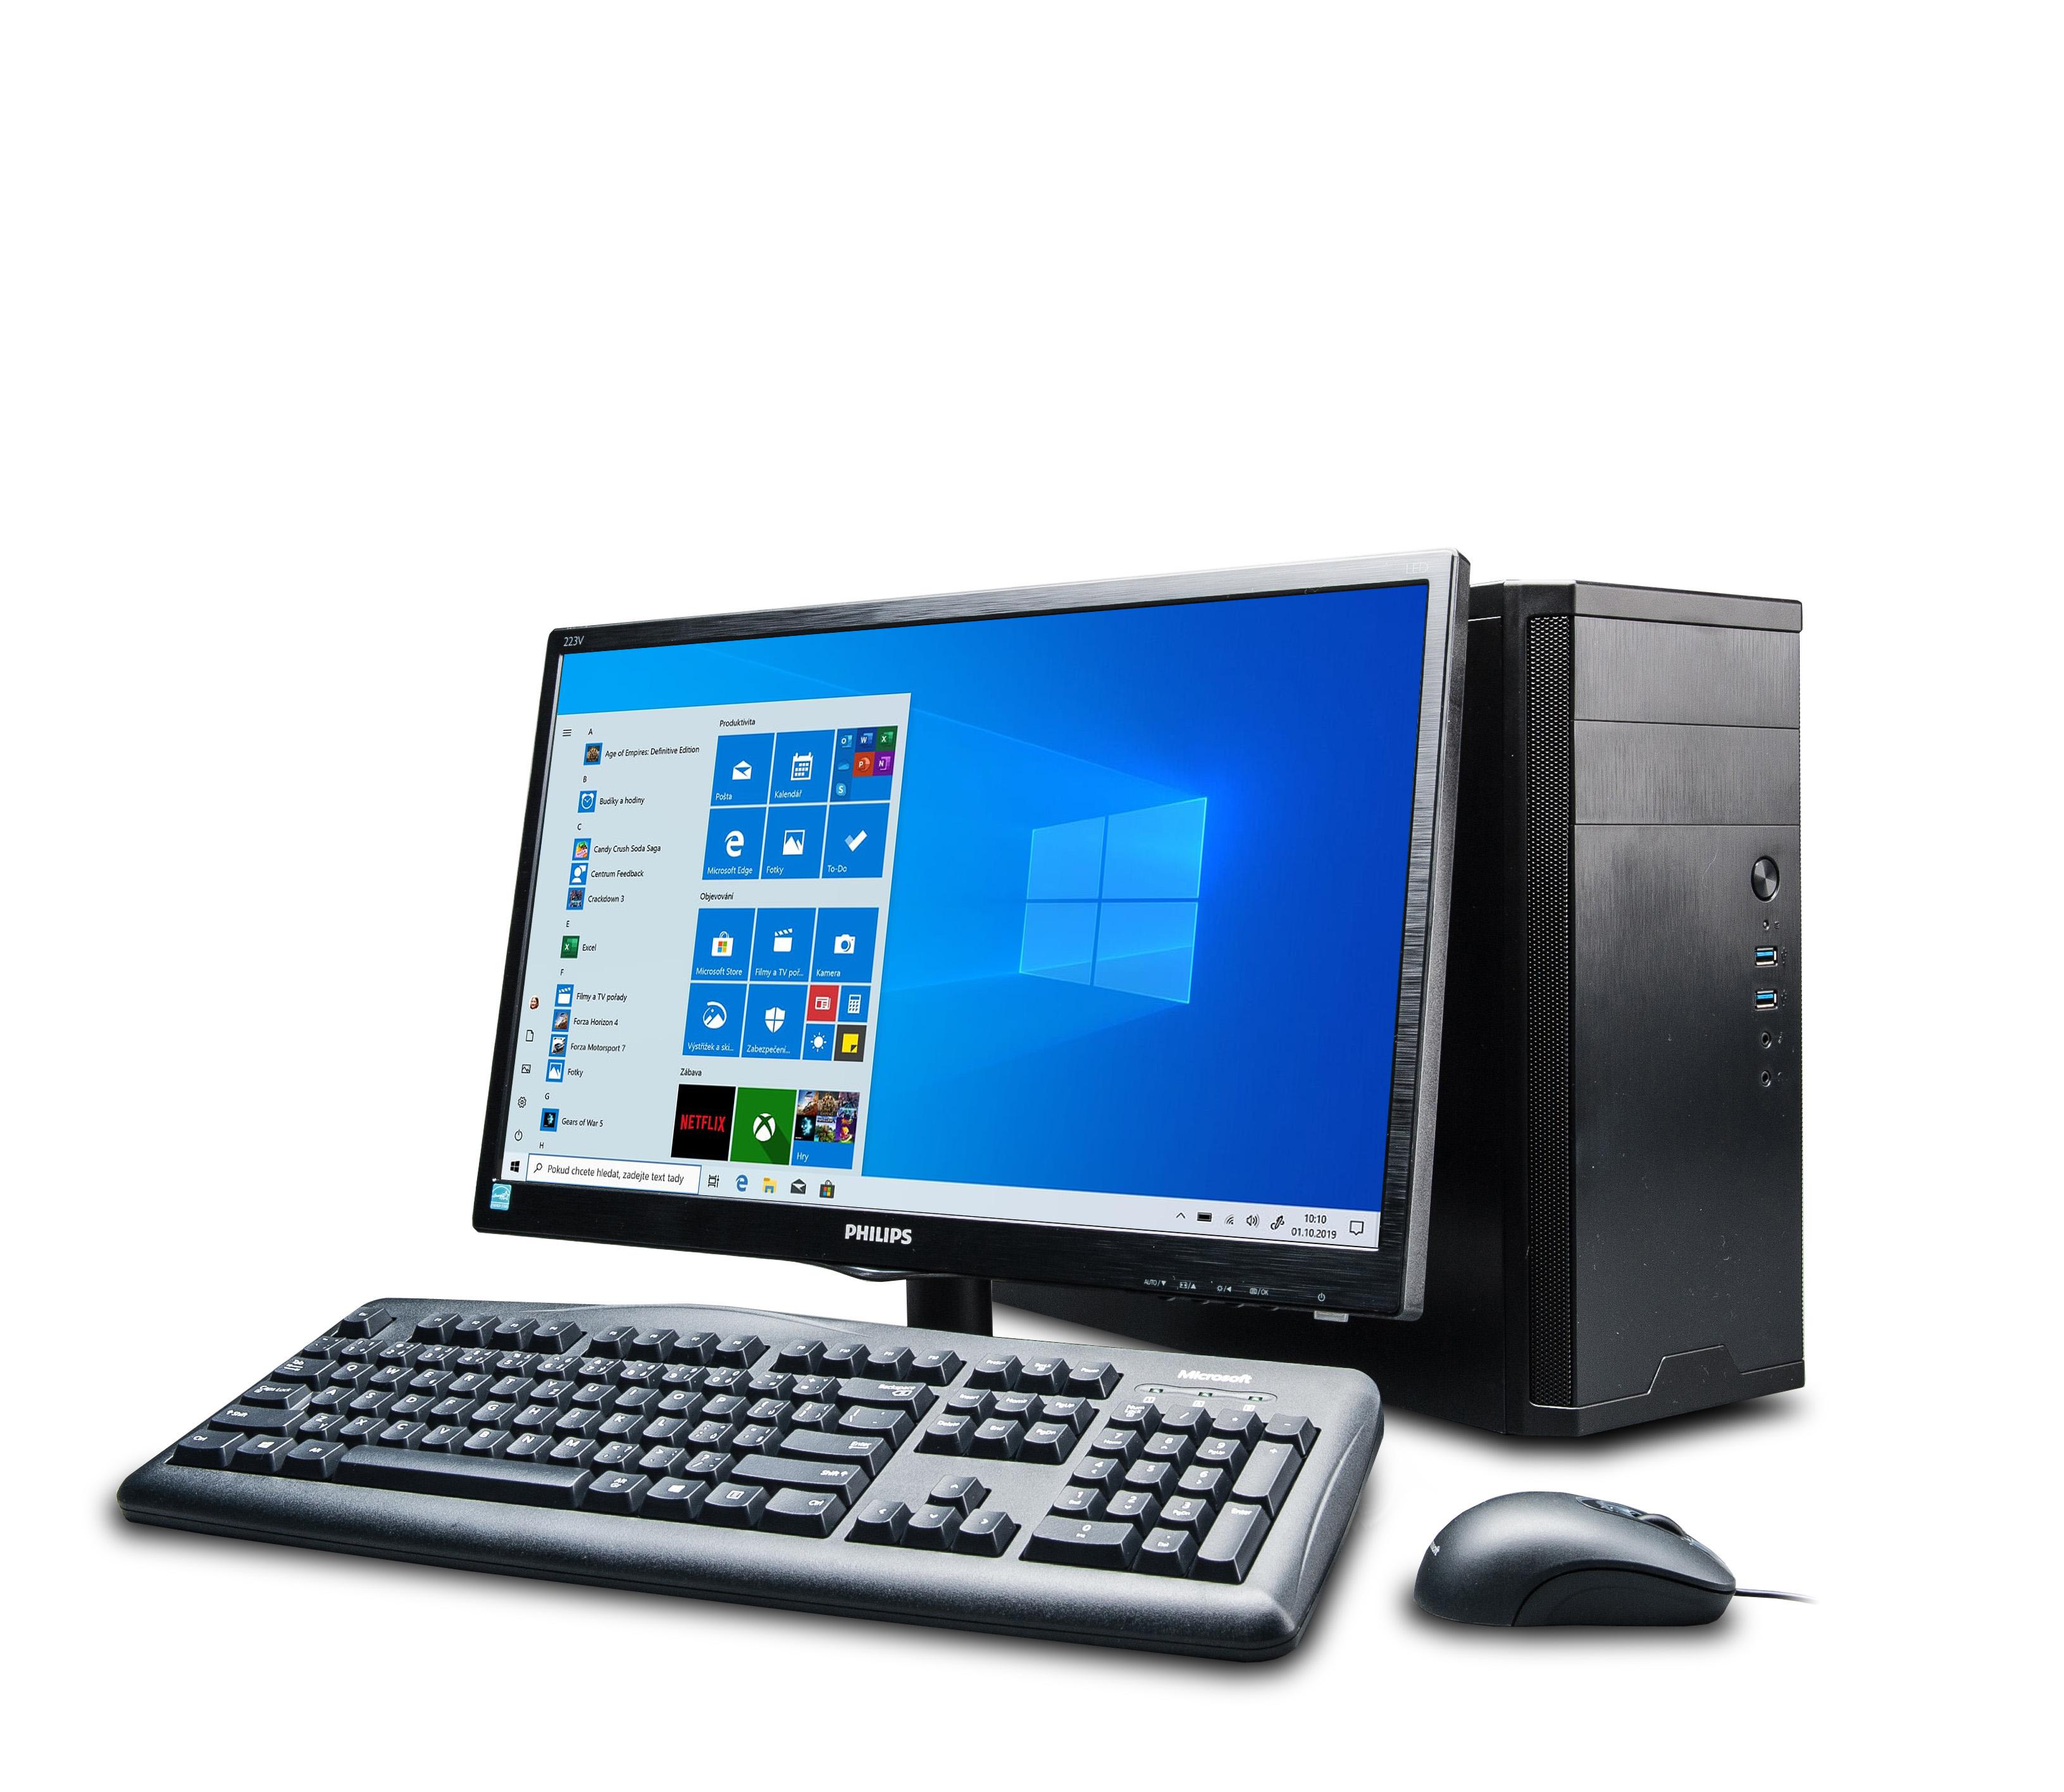 Premio Basic 510 S480 (i5-10400/8GB/480GB/DVD/W10Pro) - 113820064